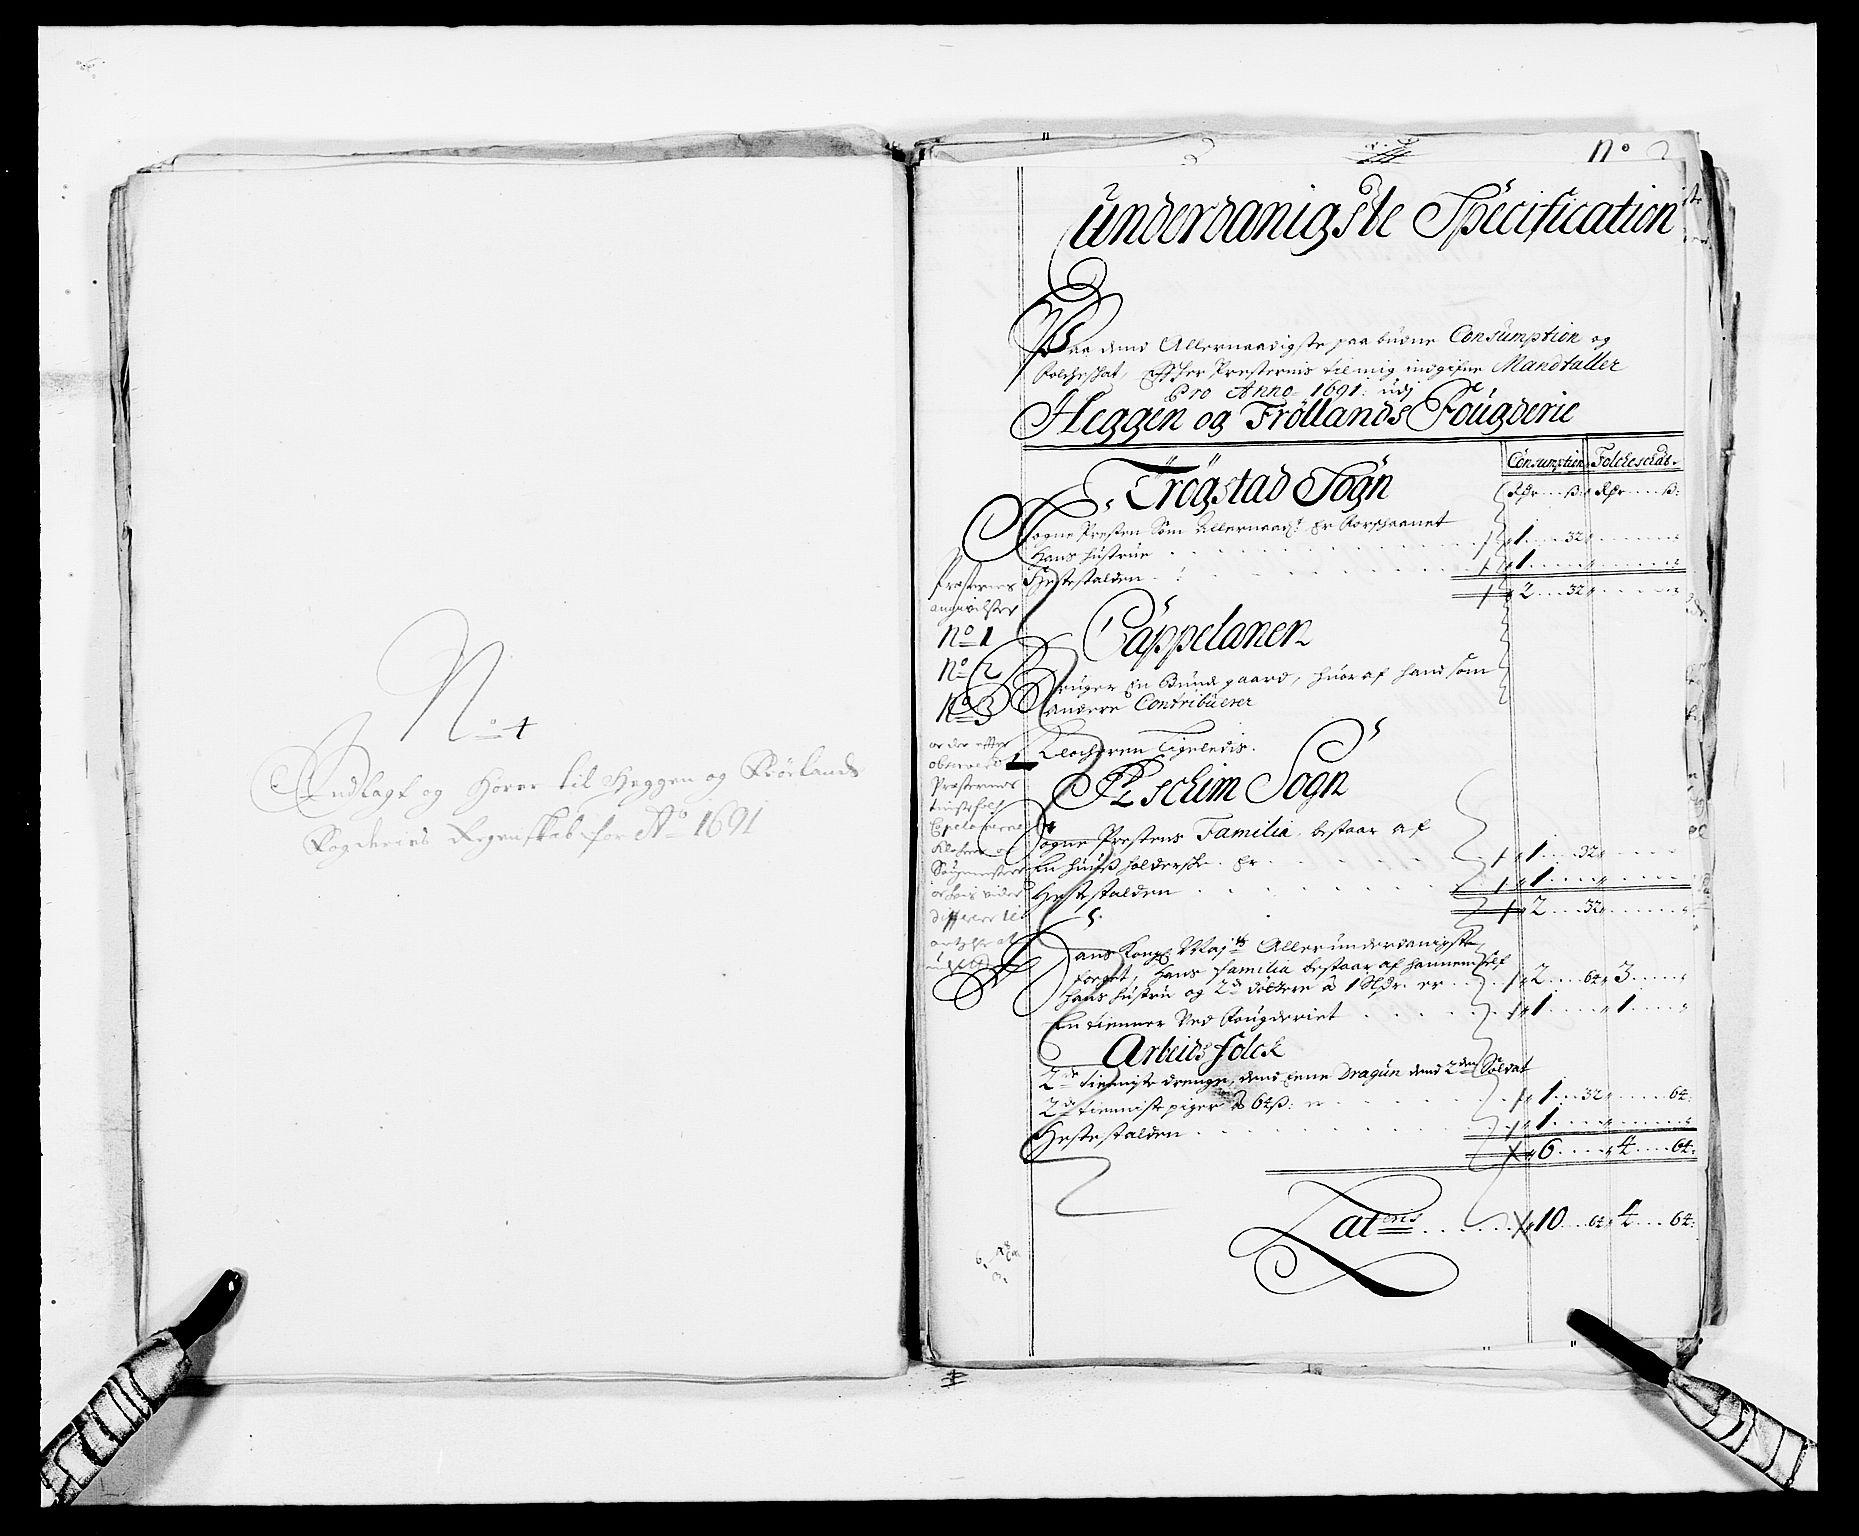 RA, Rentekammeret inntil 1814, Reviderte regnskaper, Fogderegnskap, R06/L0283: Fogderegnskap Heggen og Frøland, 1691-1693, s. 67